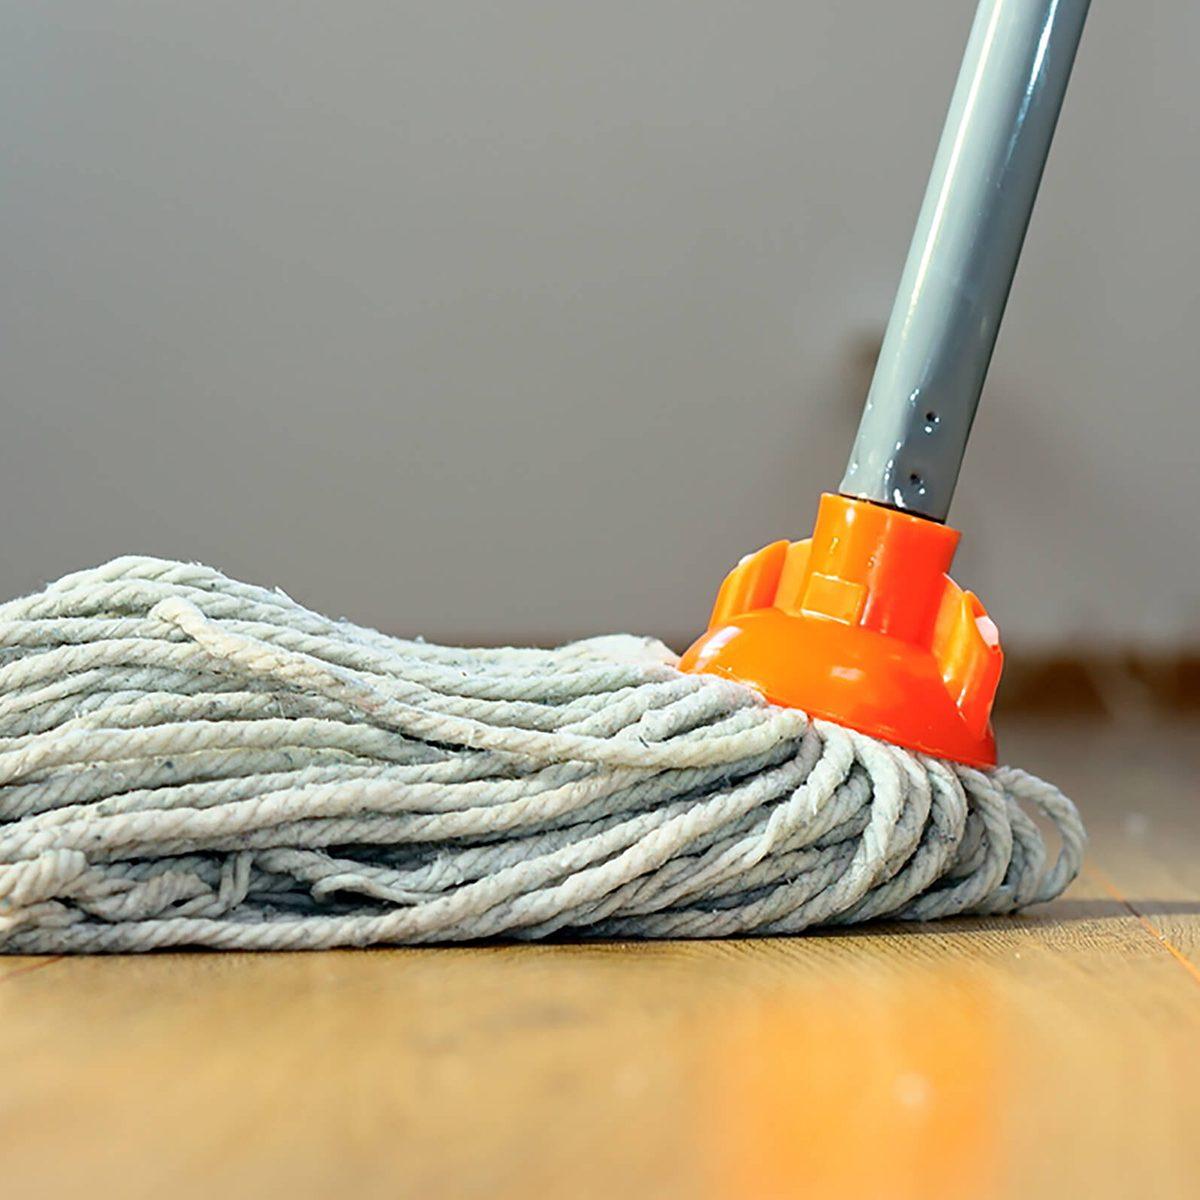 cleaning wooden floor with orange wet mop